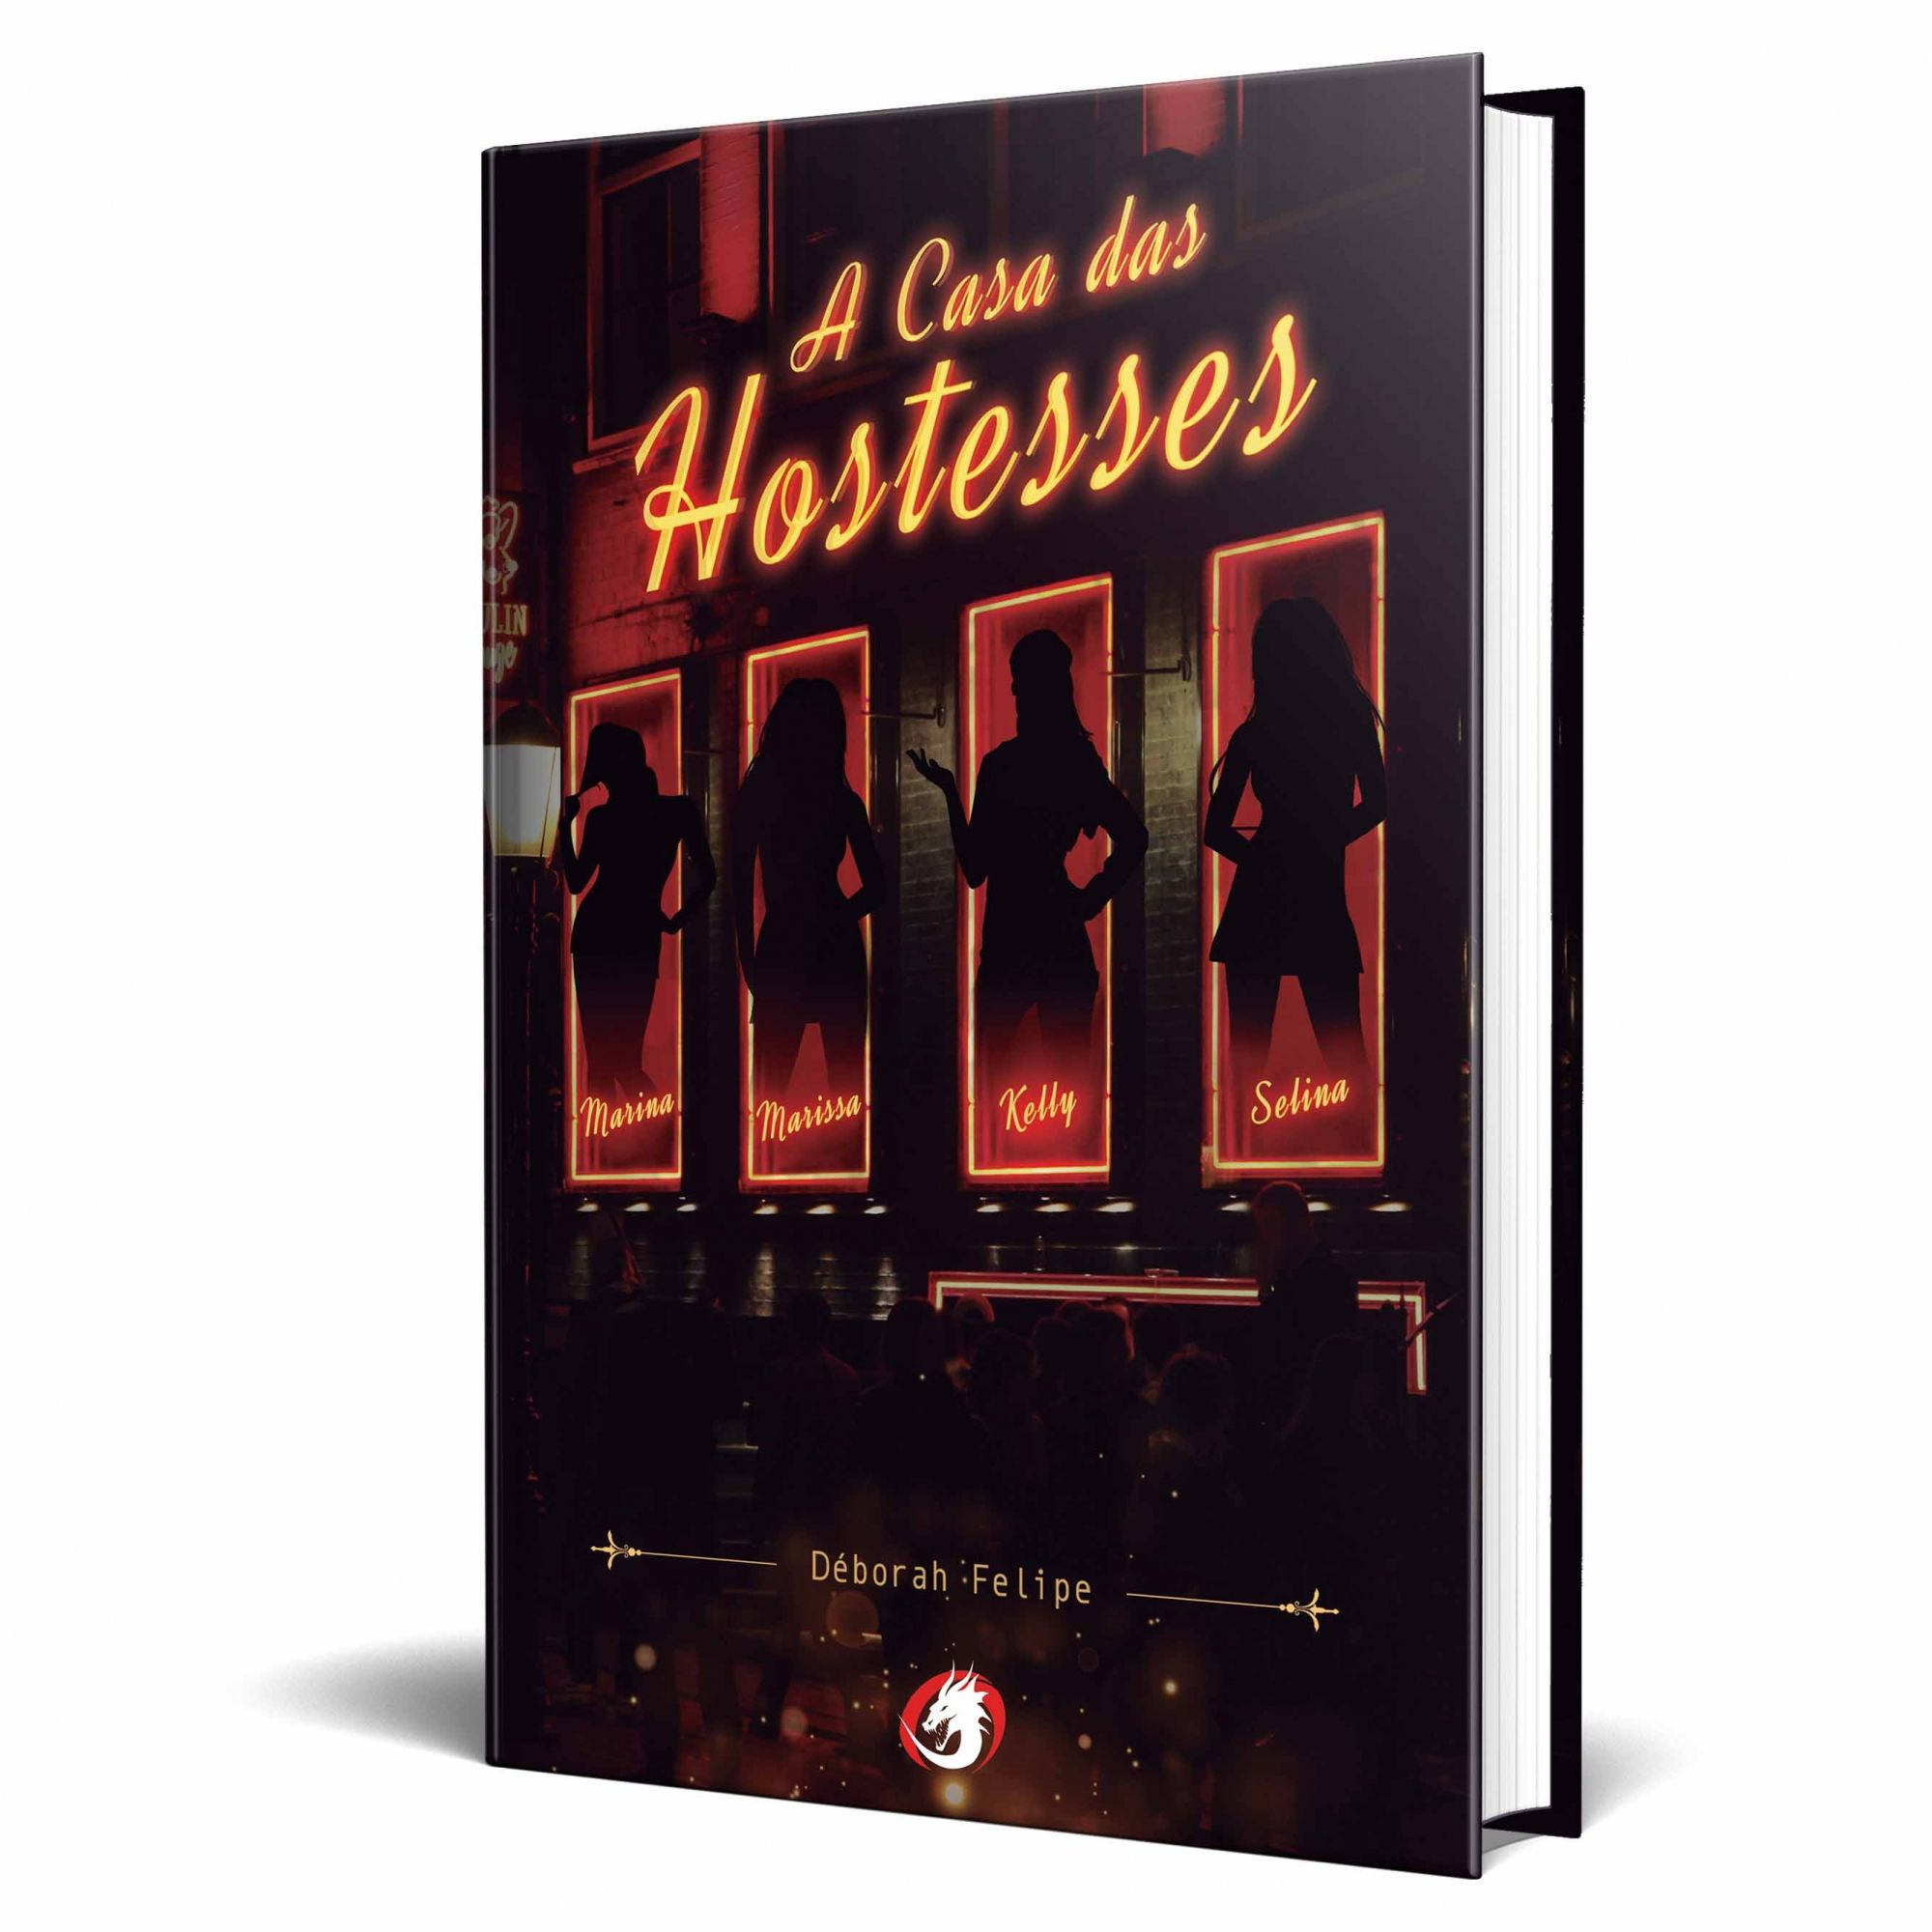 Livro A Casa das Hostesses